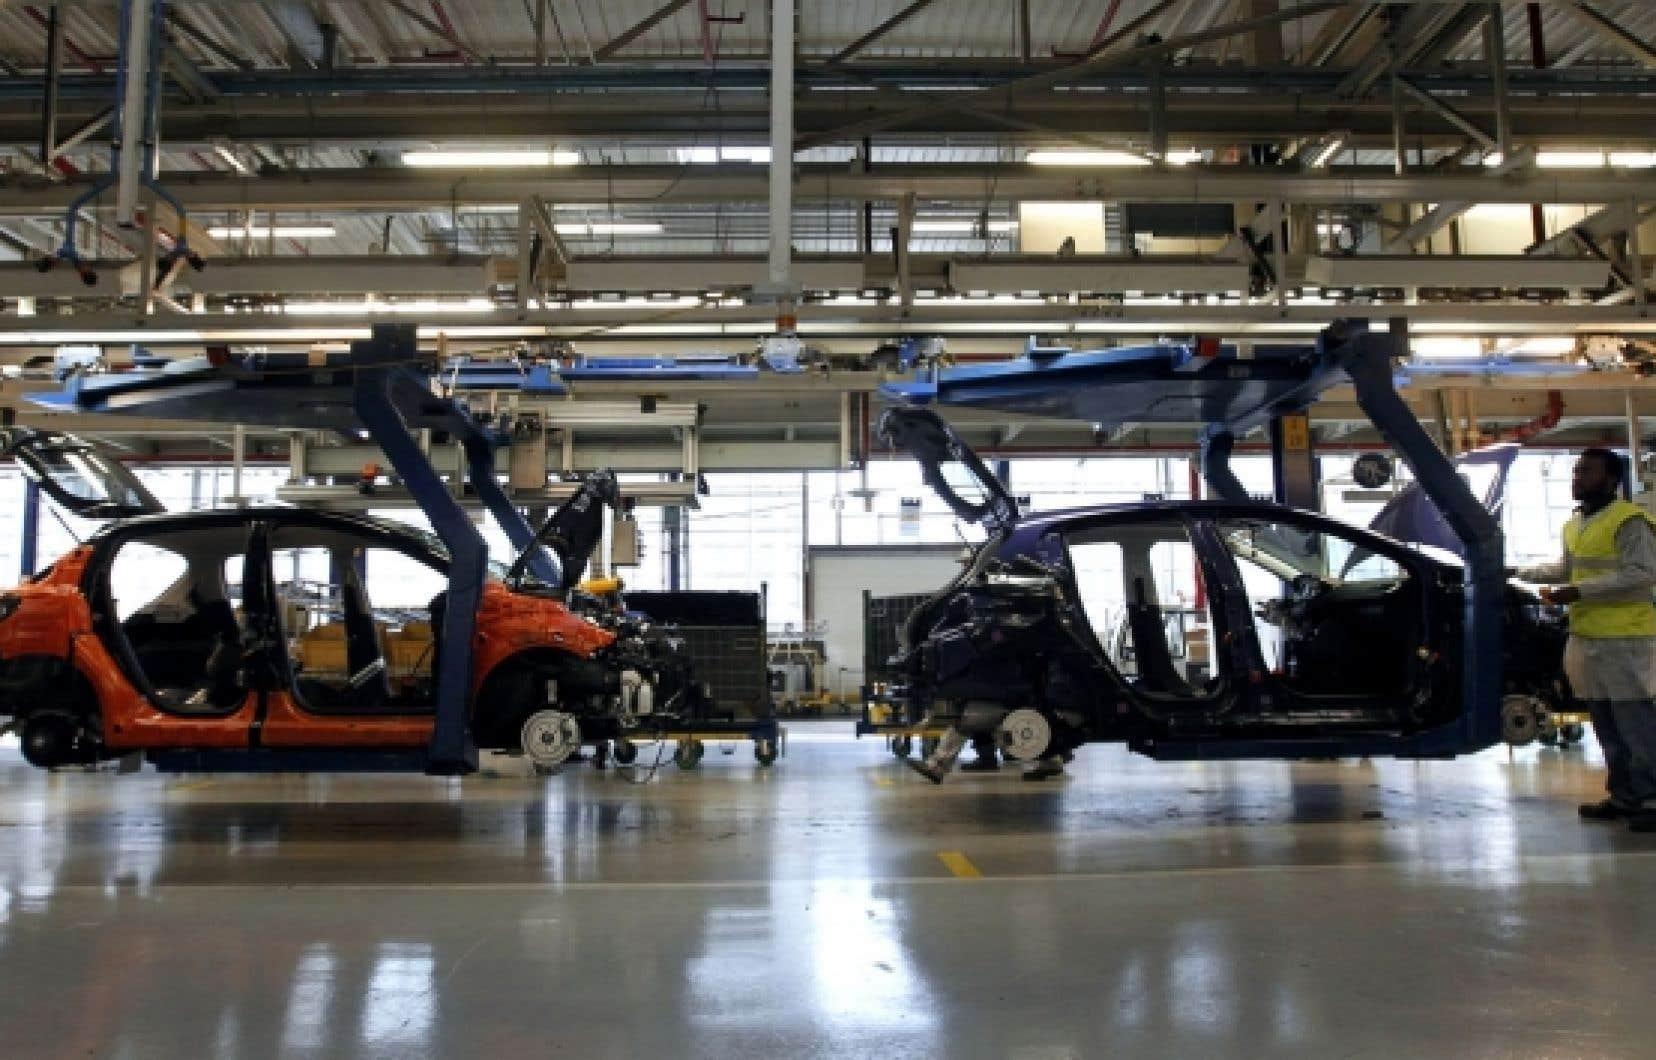 Les usines d'assemblage en Europe fonctionnent au ralenti et la fermeture de l'usine PSA Peugeot Citroën d'Aulnay pourrait bien ne pas être la seule.